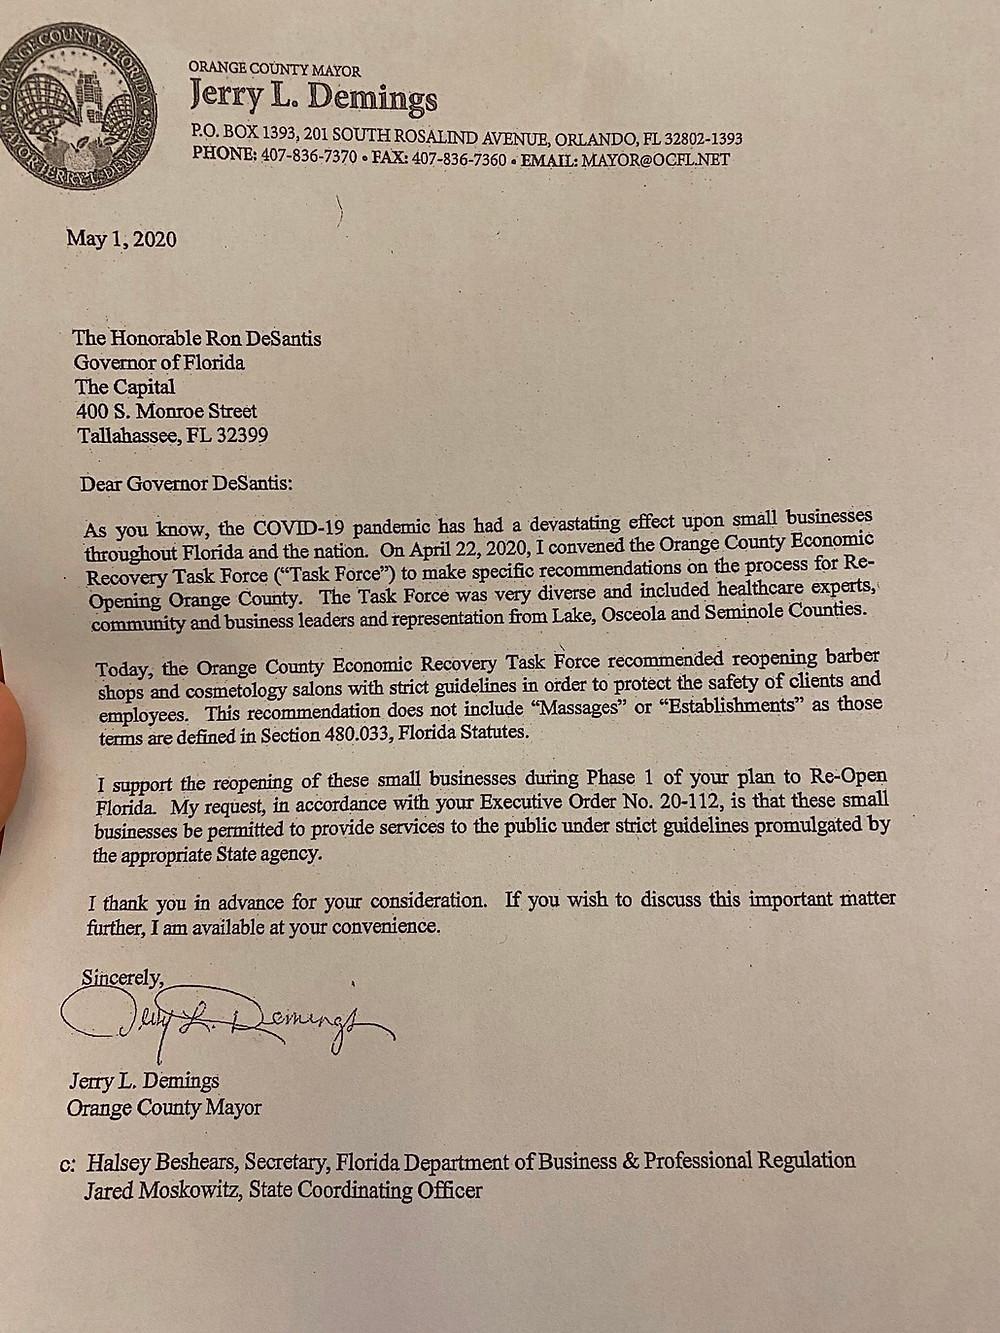 carta enviada ao governador DeSantis